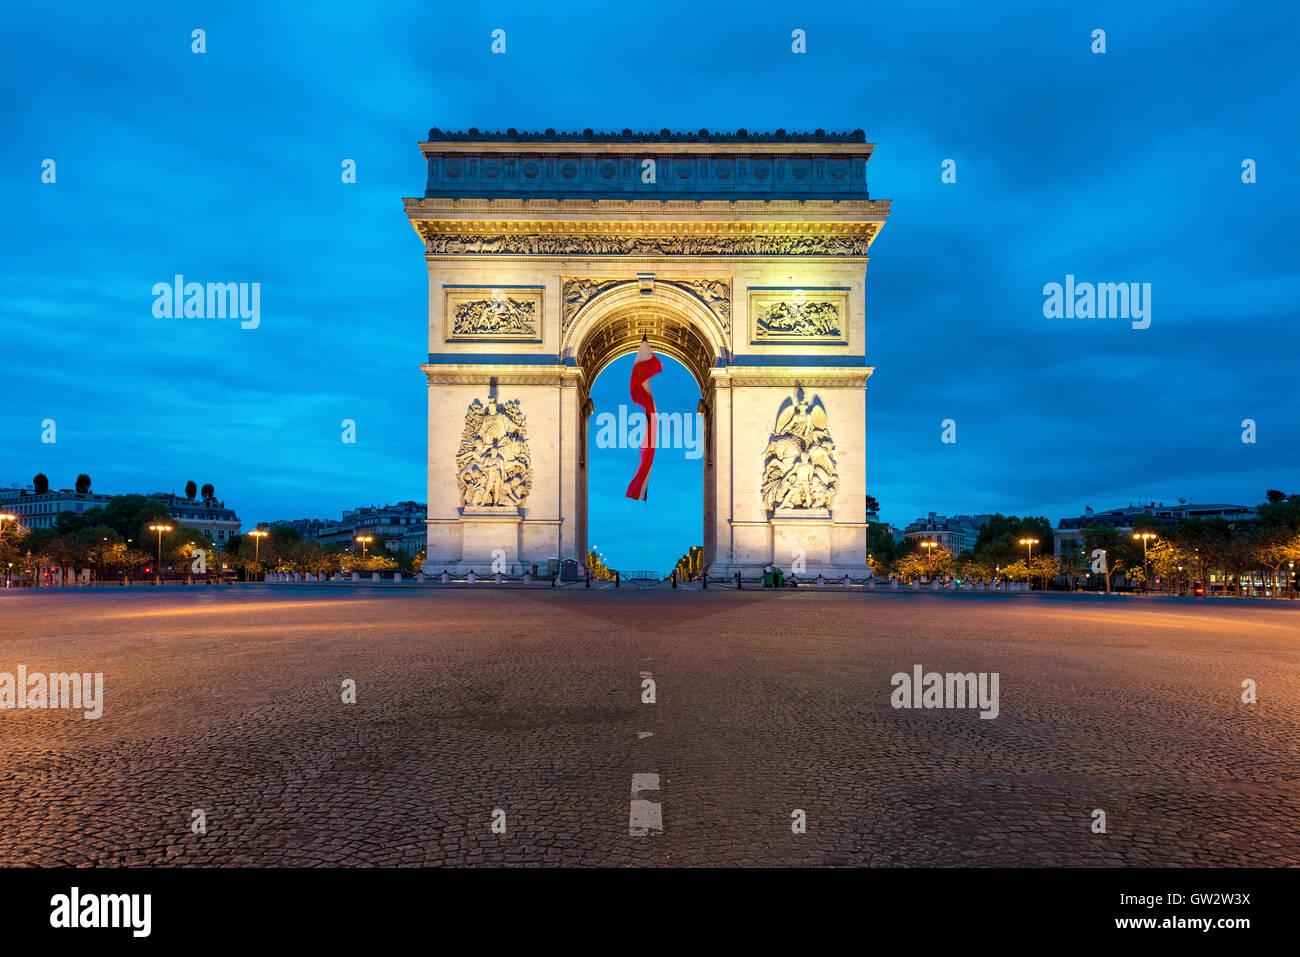 Arco de Triunfo y los Campos Elíseos de París con un gran pabellón de Francia bajo el arco en Europa Imagen De Stock